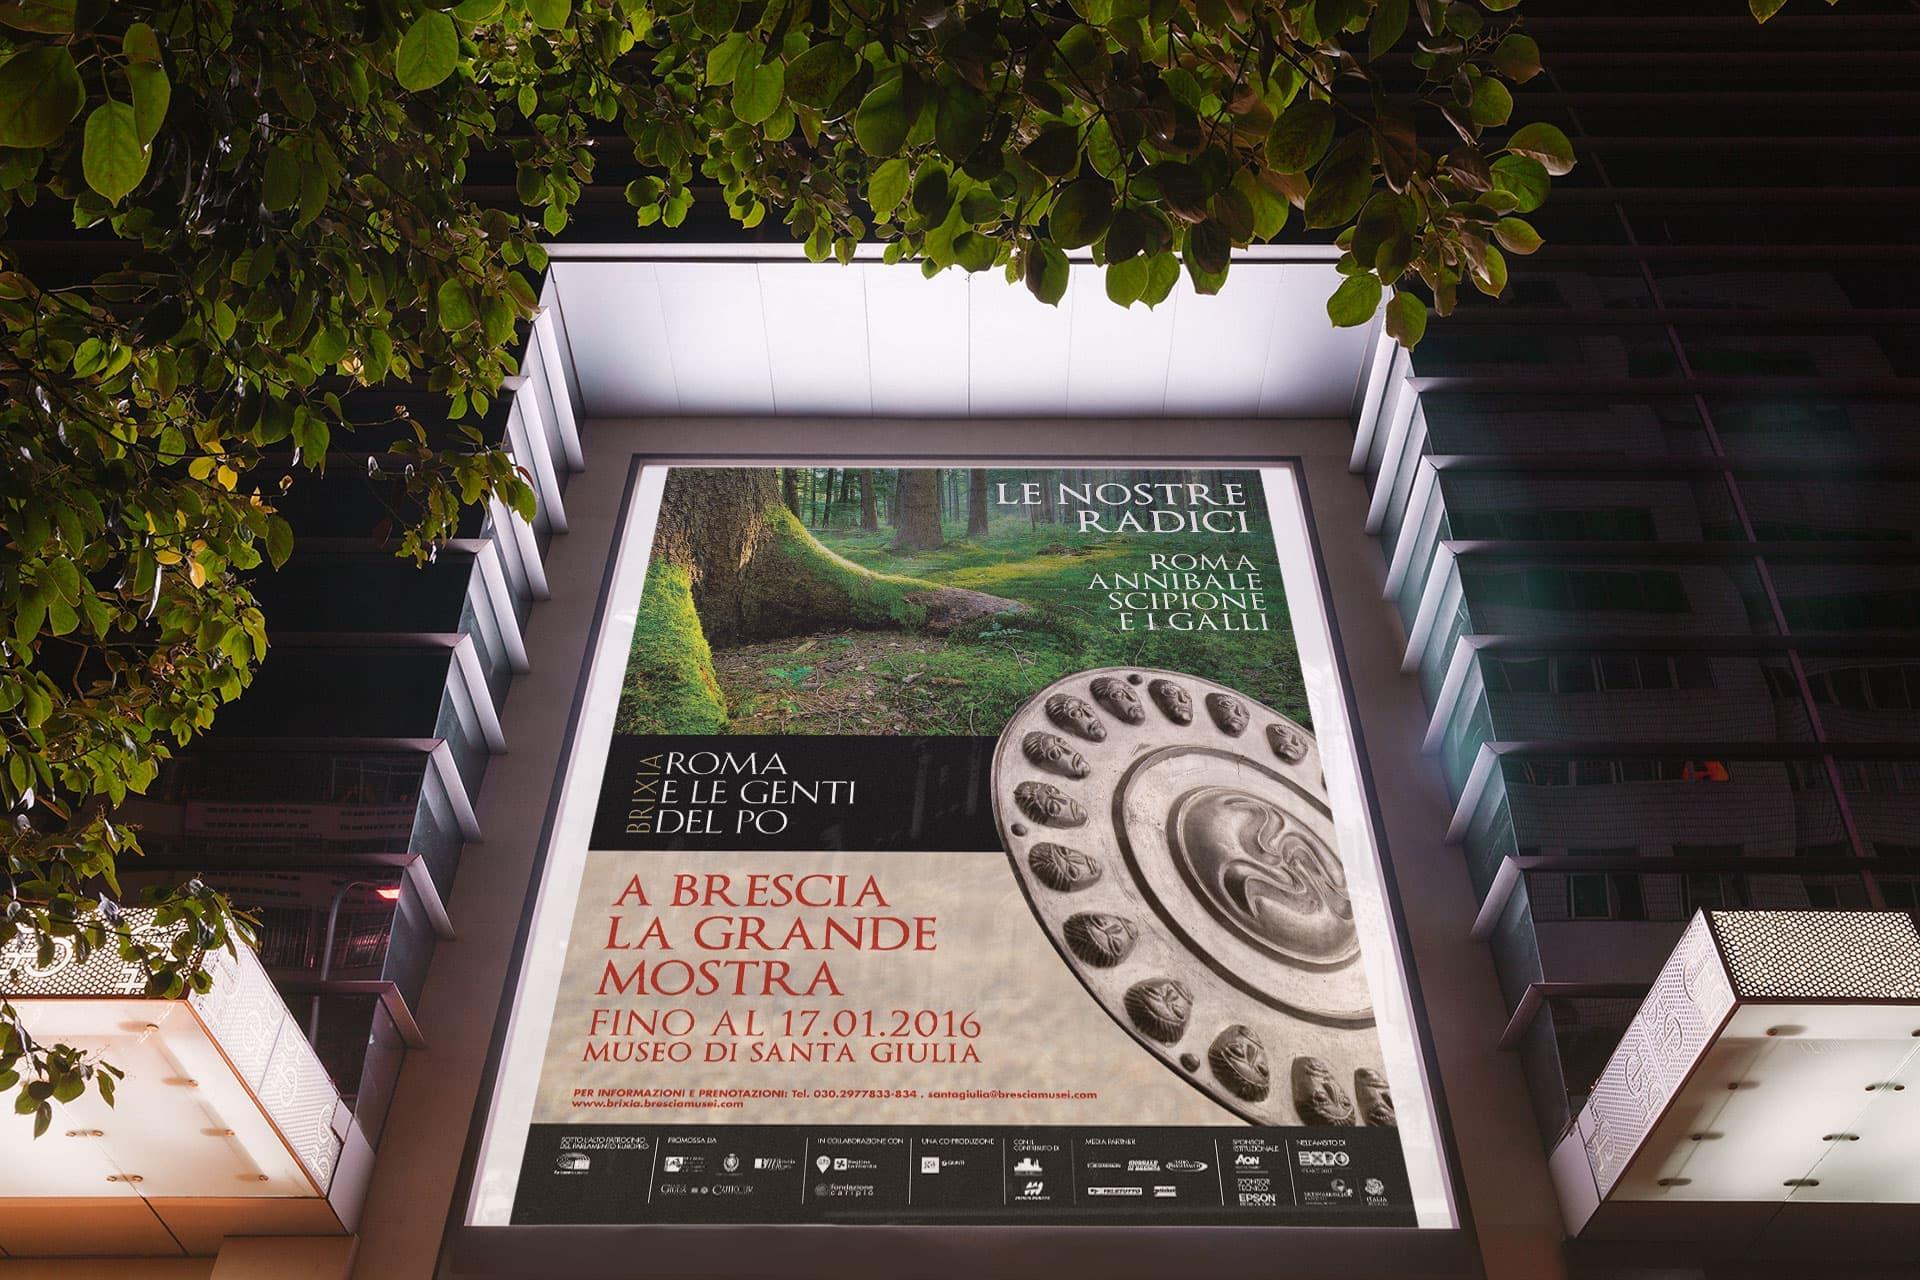 Brescia Musei - I musei della Città